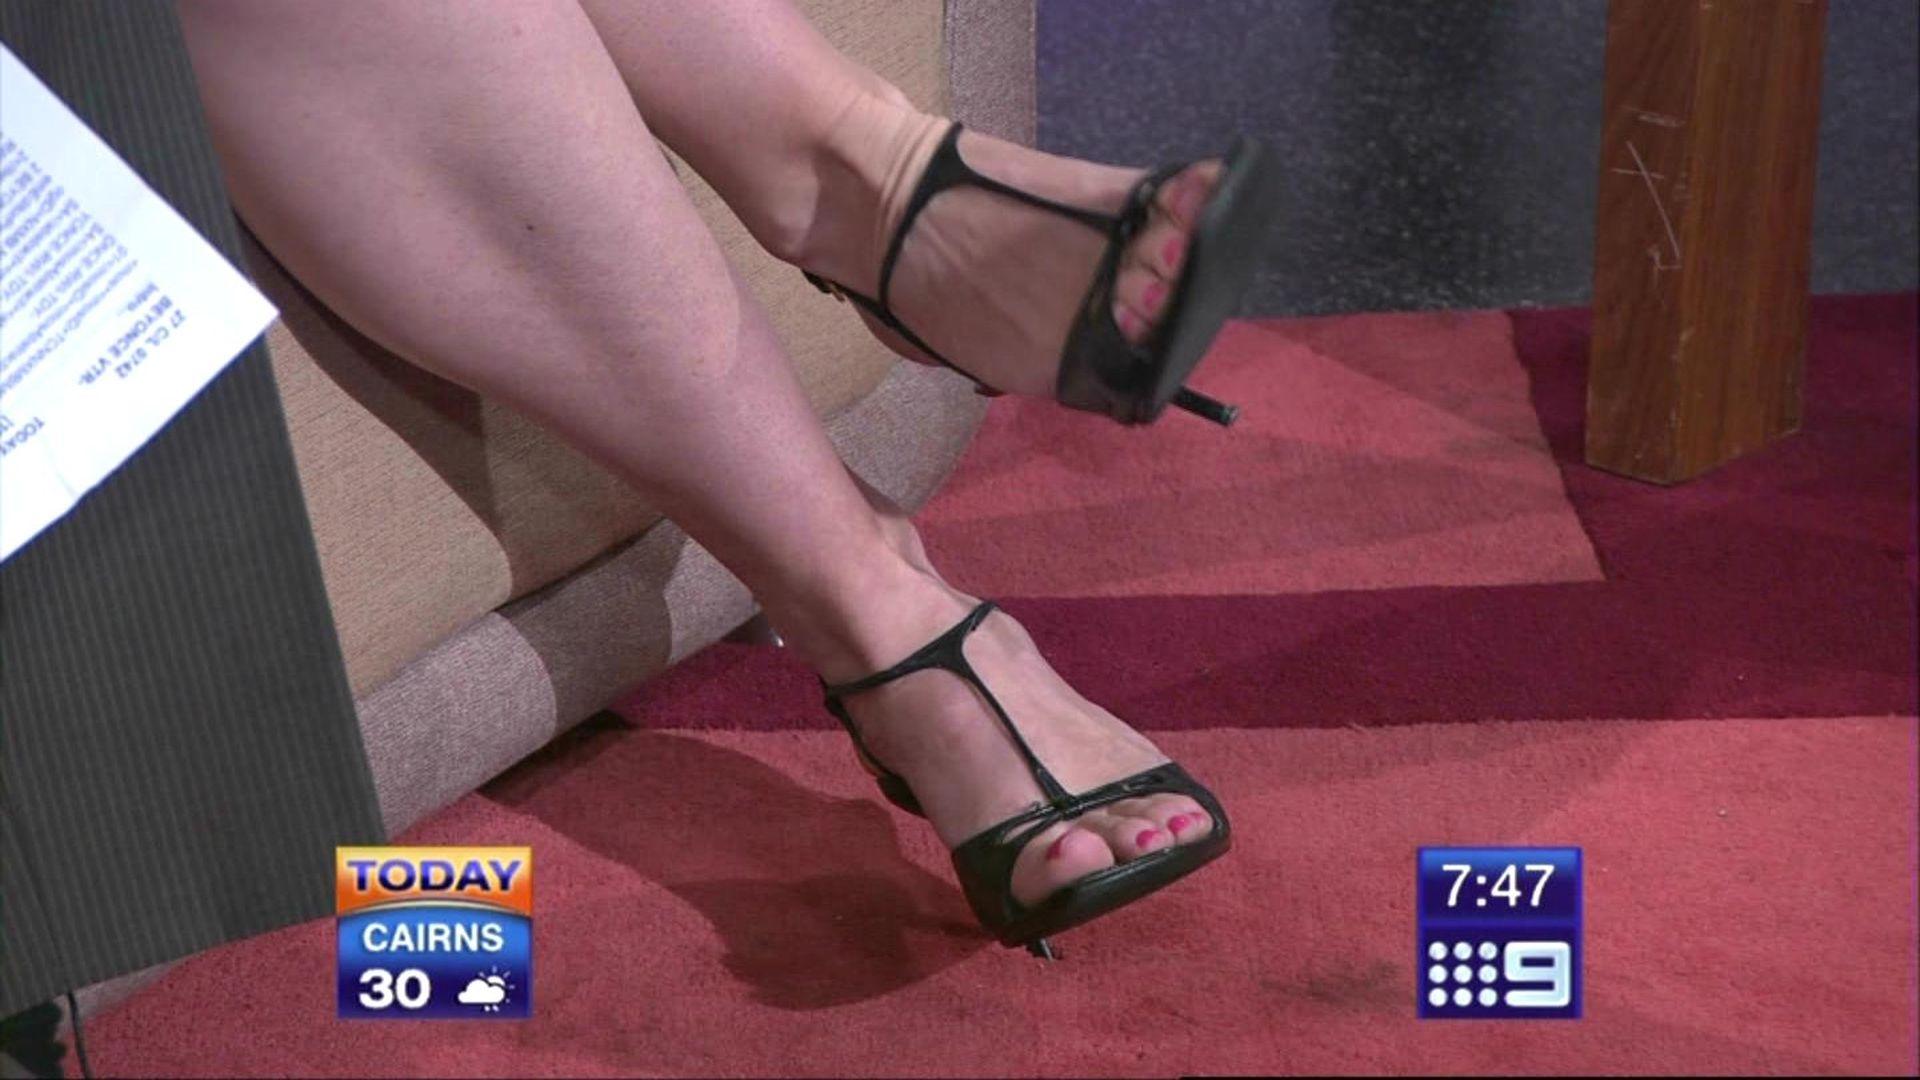 Leila mckinnon feet